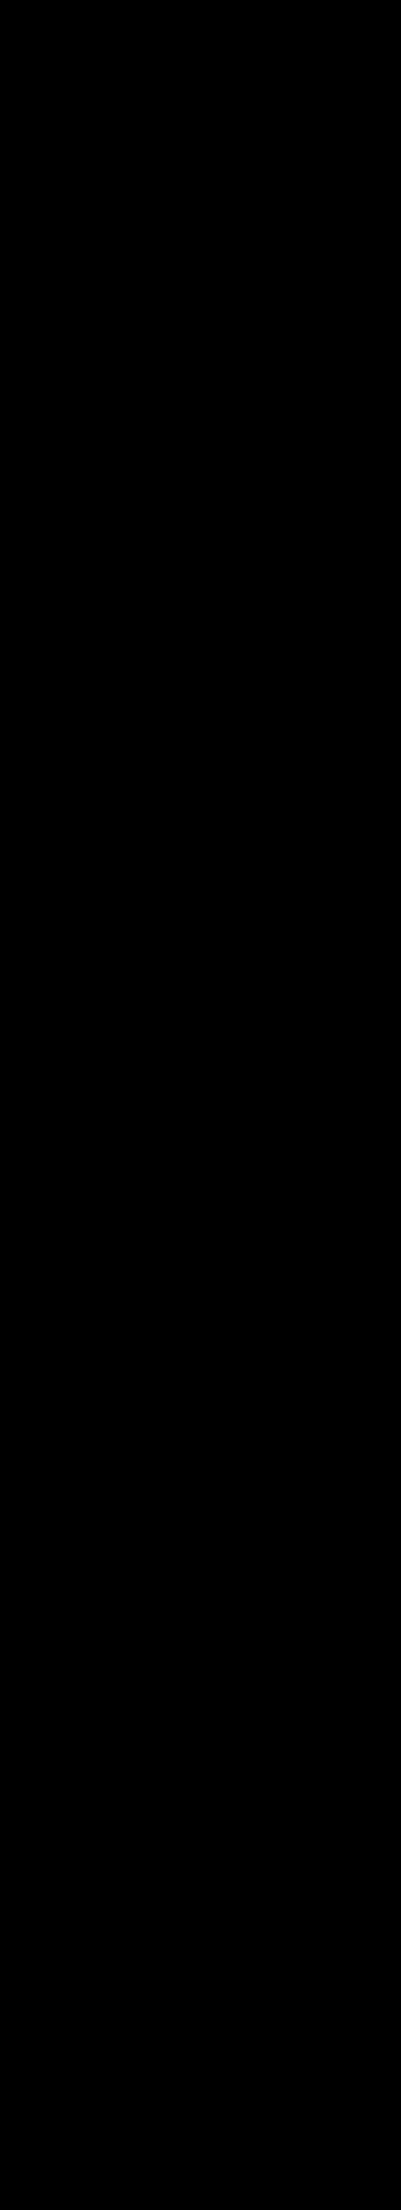 คอร์ดกีตาร์พื้นฐาน คอร์ดกีตาร์พื้นฐาน เพลง ดอกไม้ในใจ (Ost. กลกิโมโน)